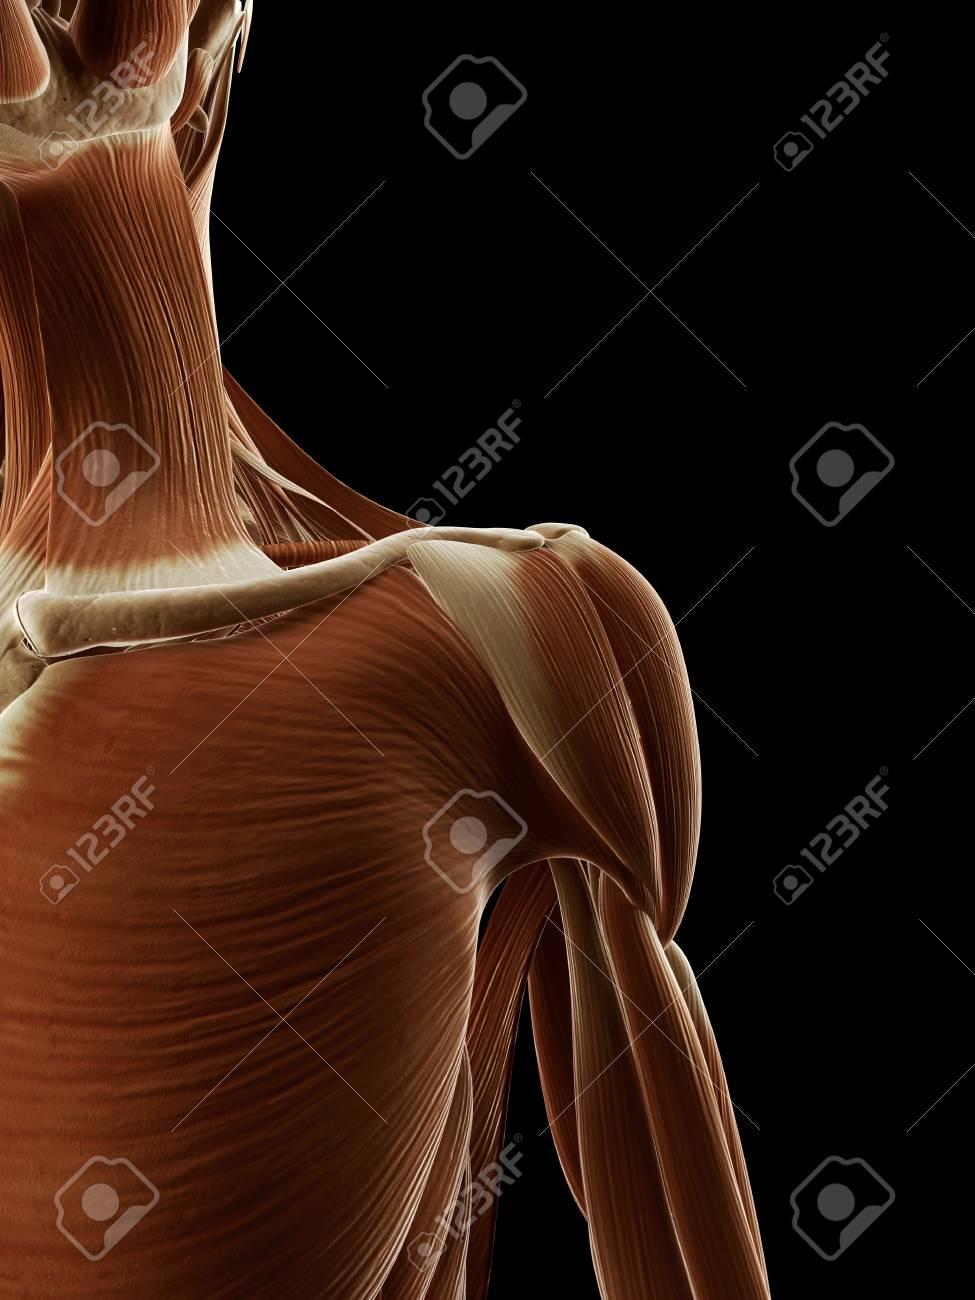 Lujo Diagrama De Músculo Del Hombro Humano Festooning - Anatomía de ...